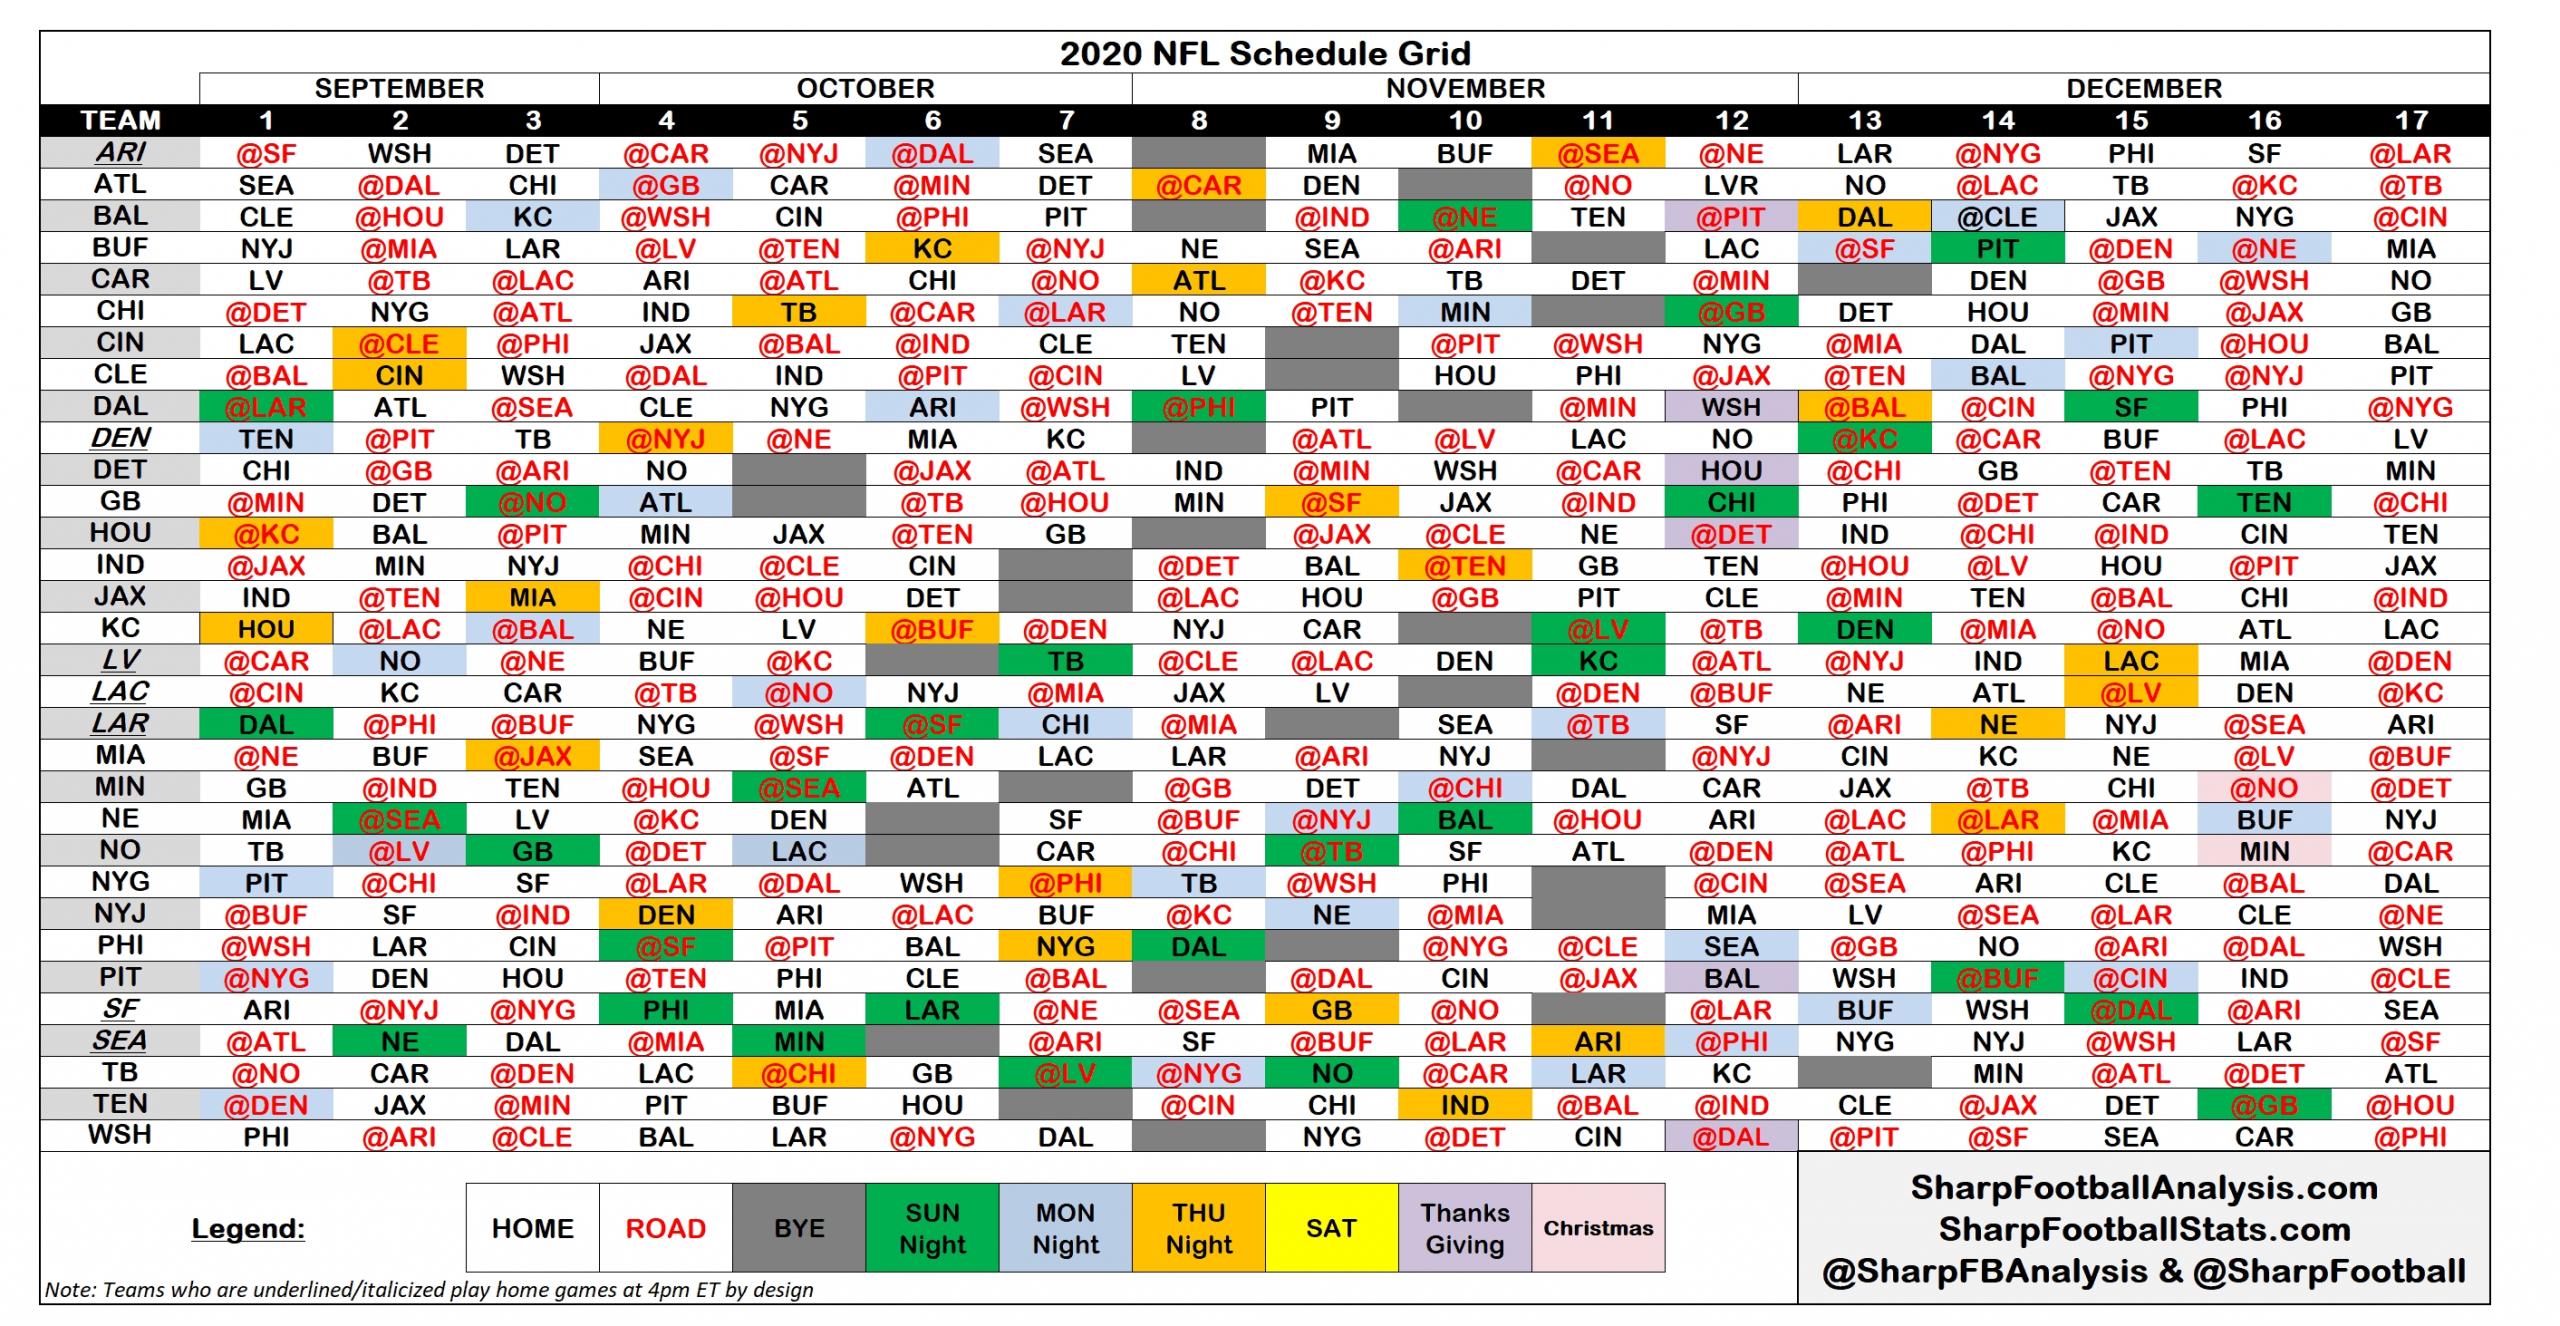 2020 Nfl Regular Season Schedule Grid & Strength Of Schedule